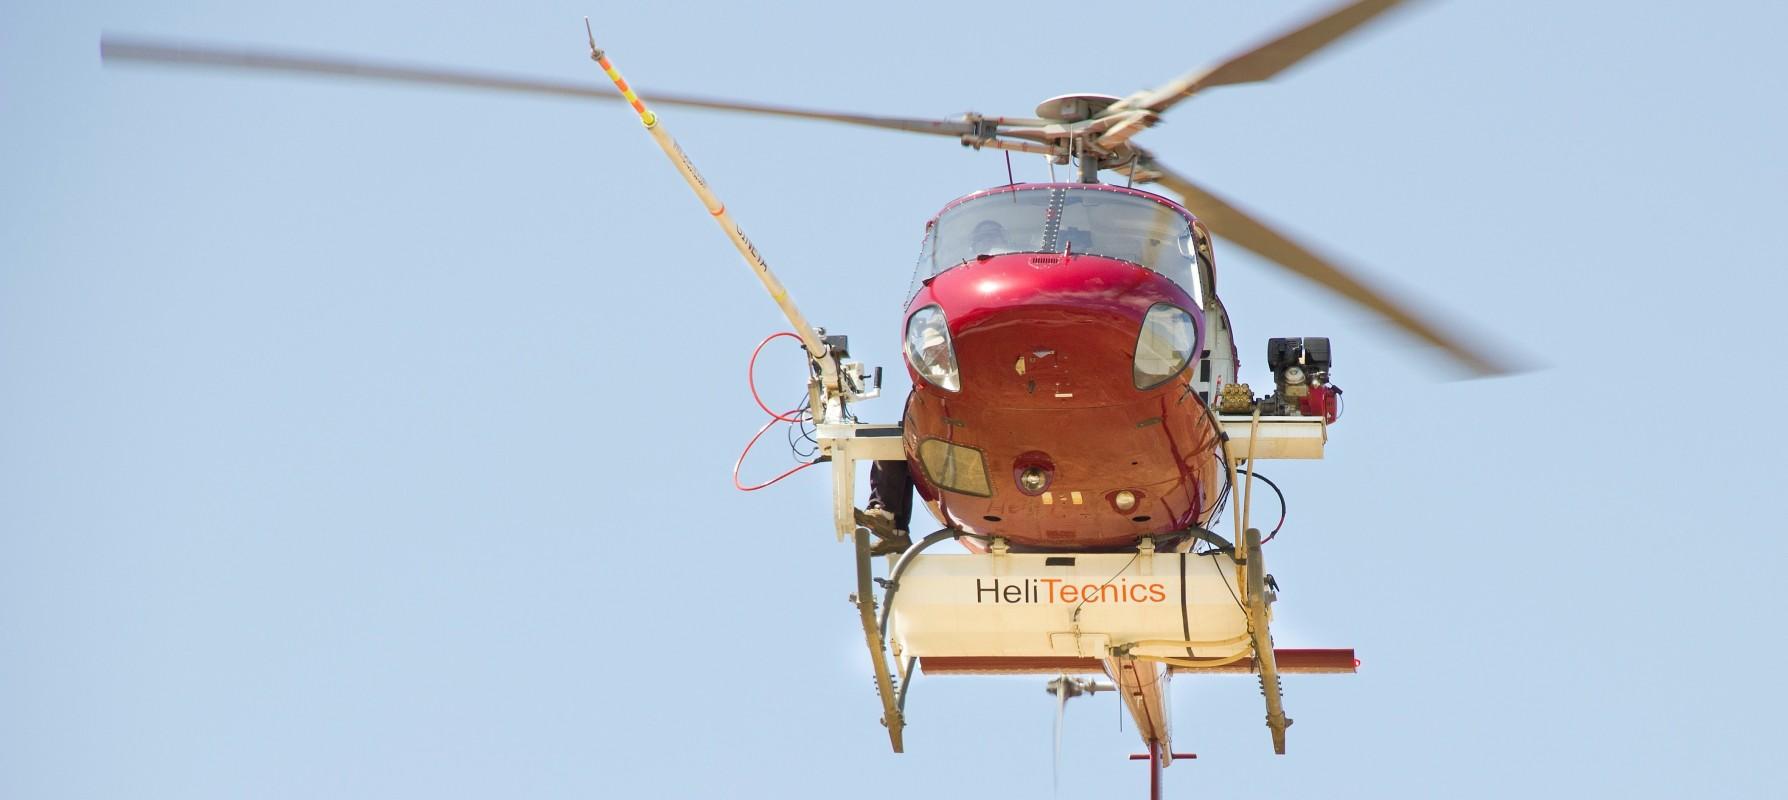 Lavado de Aisladores Helicoptero - Venta Equipos Lavado